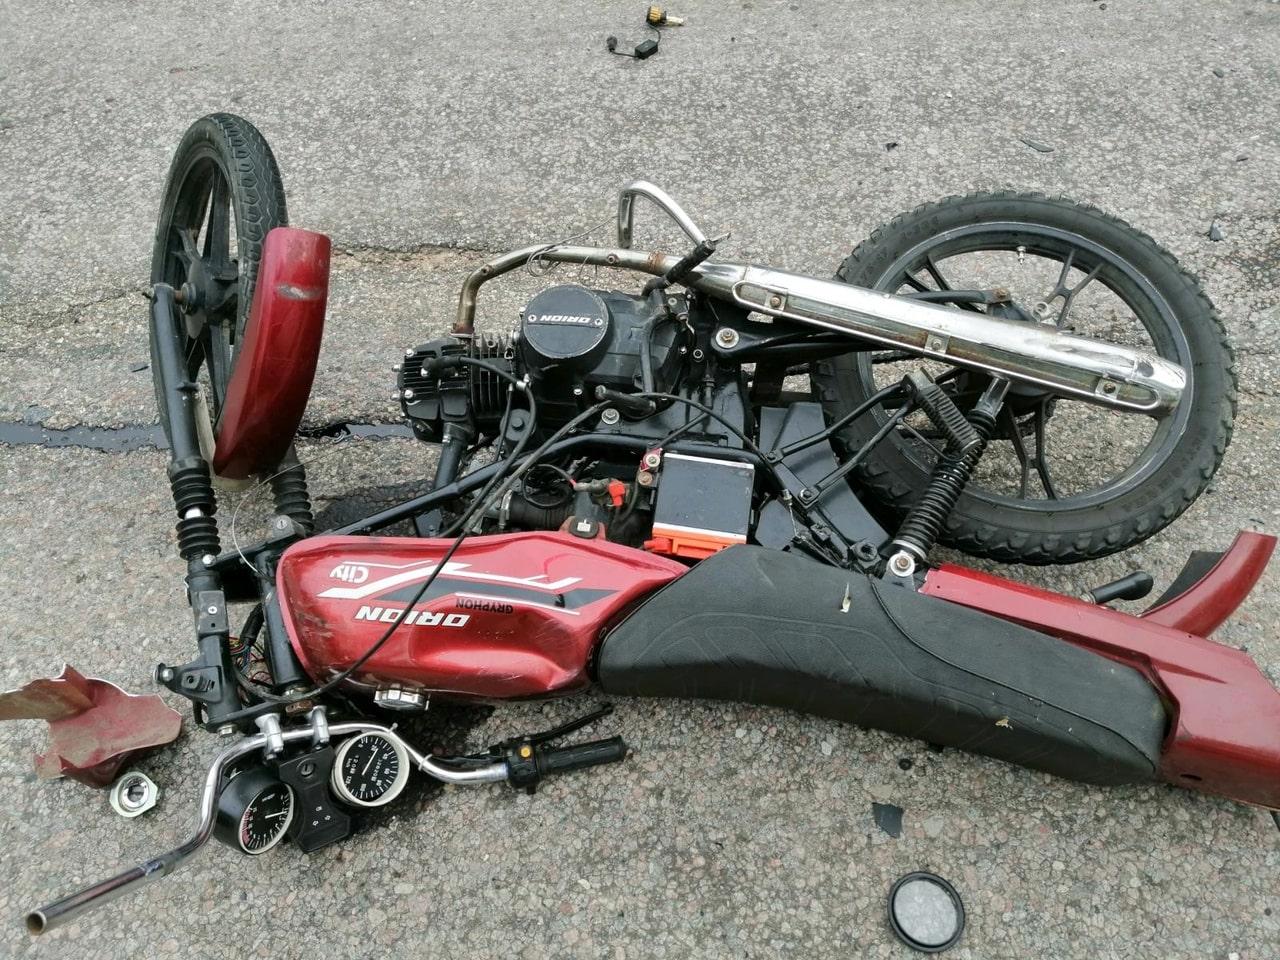 Появились фотографии с места столкновения мотоцикла и фуры в Тверской области